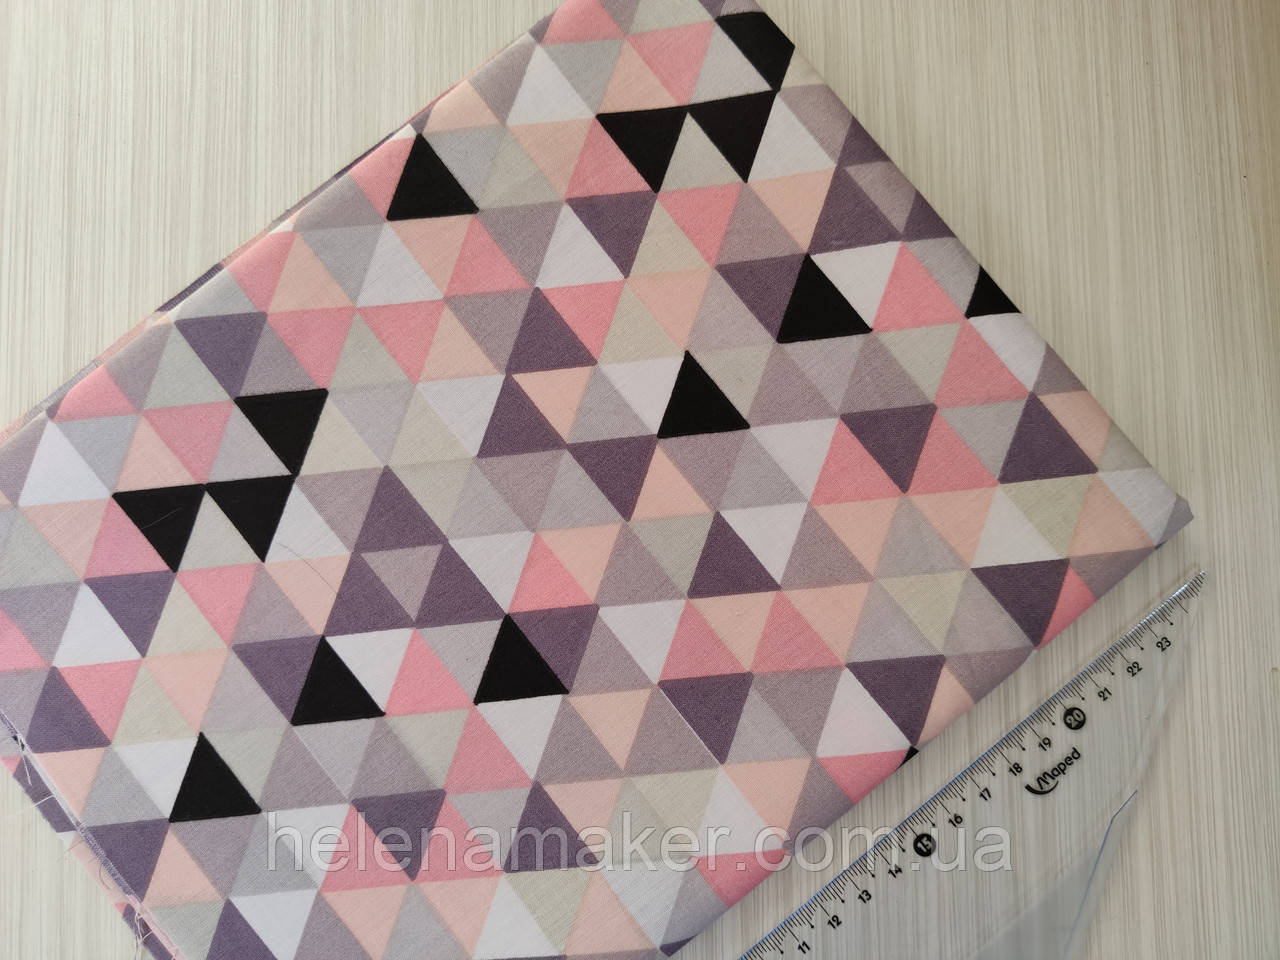 Хлопок Треугольники в розовой гамме  - отрез 50*50 см